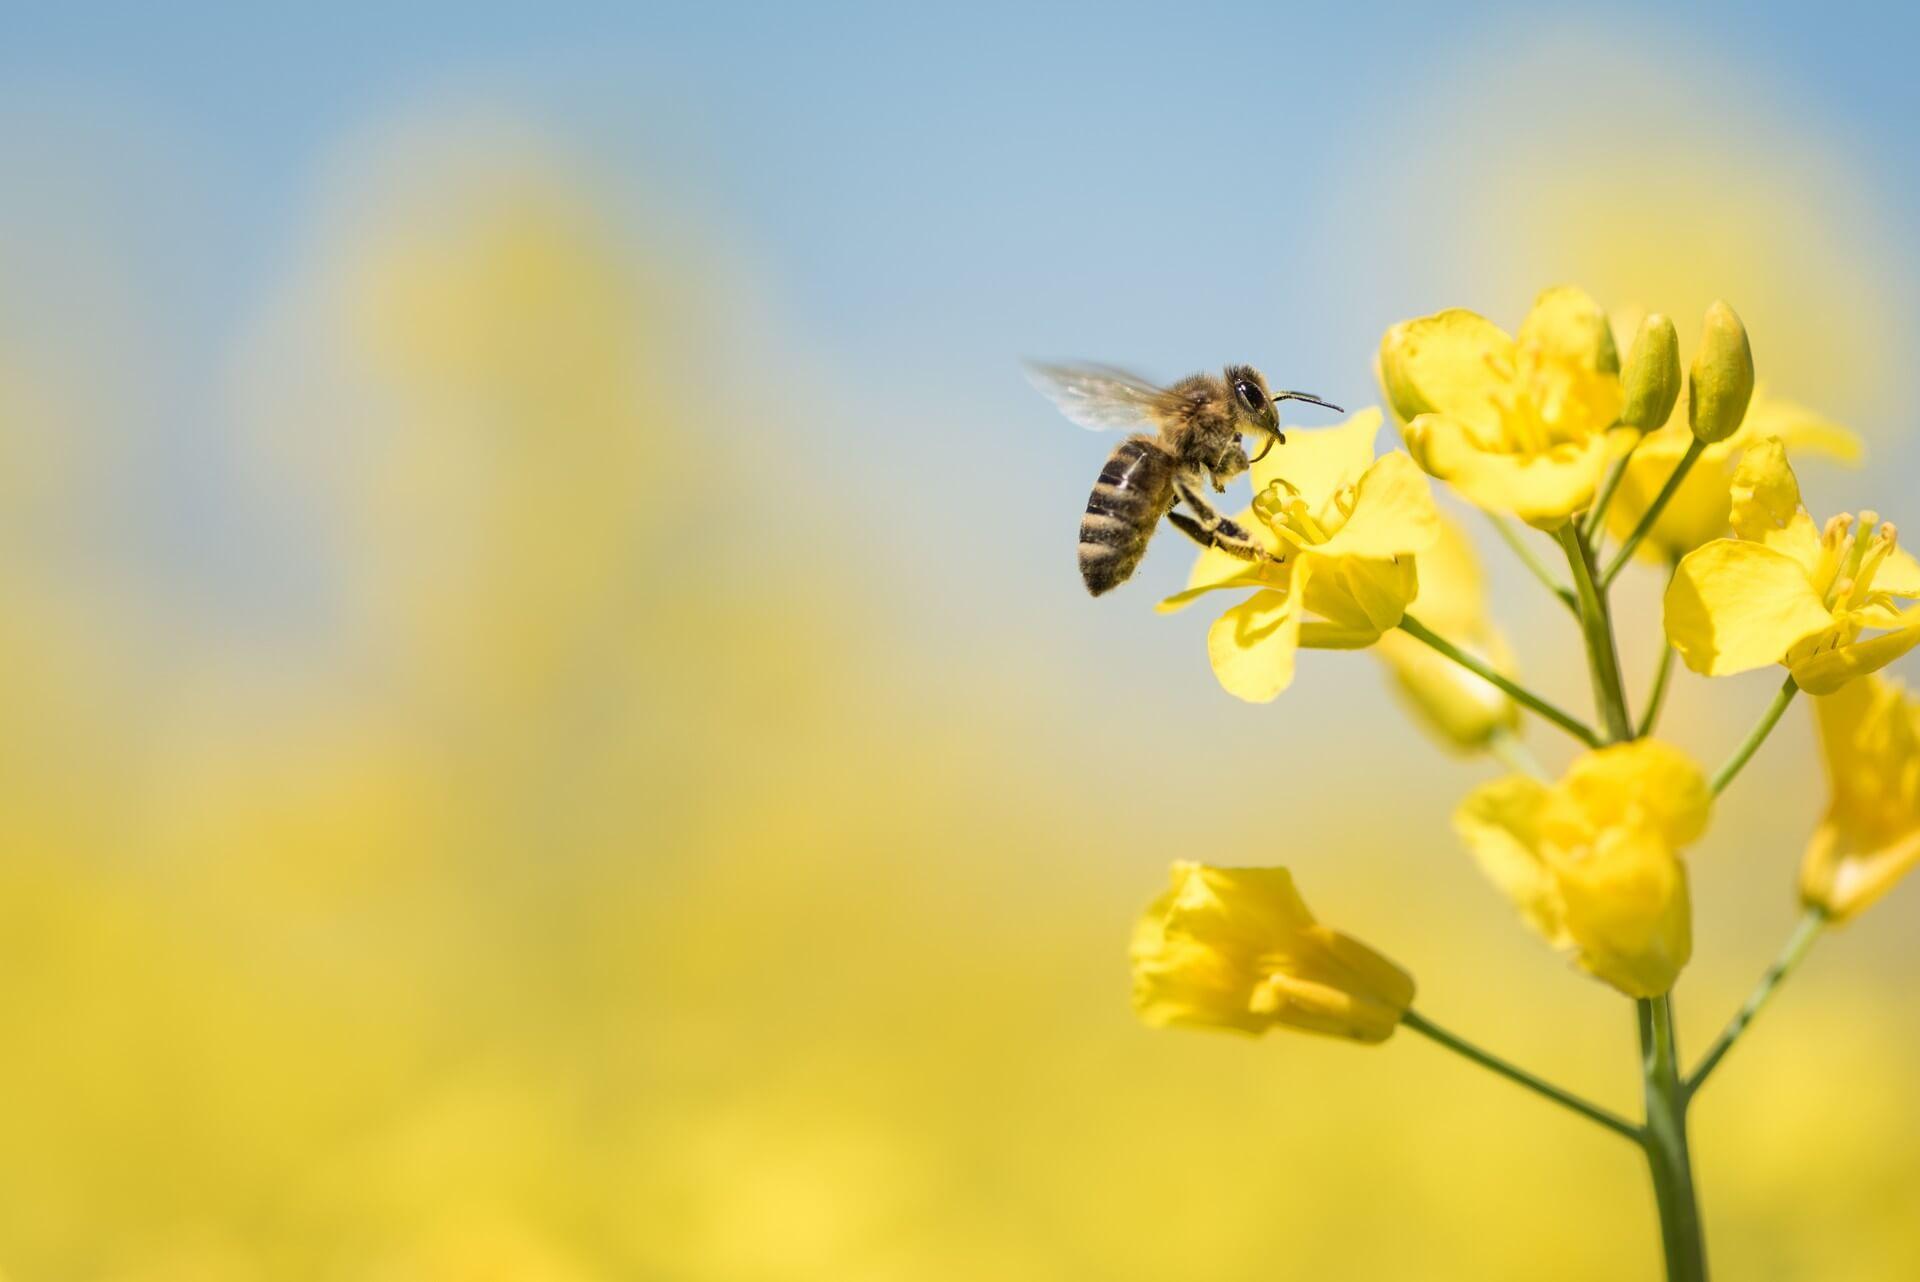 Svetovni dan čebel: Pomagajmo graditi opraševalcem prijetnejši svet